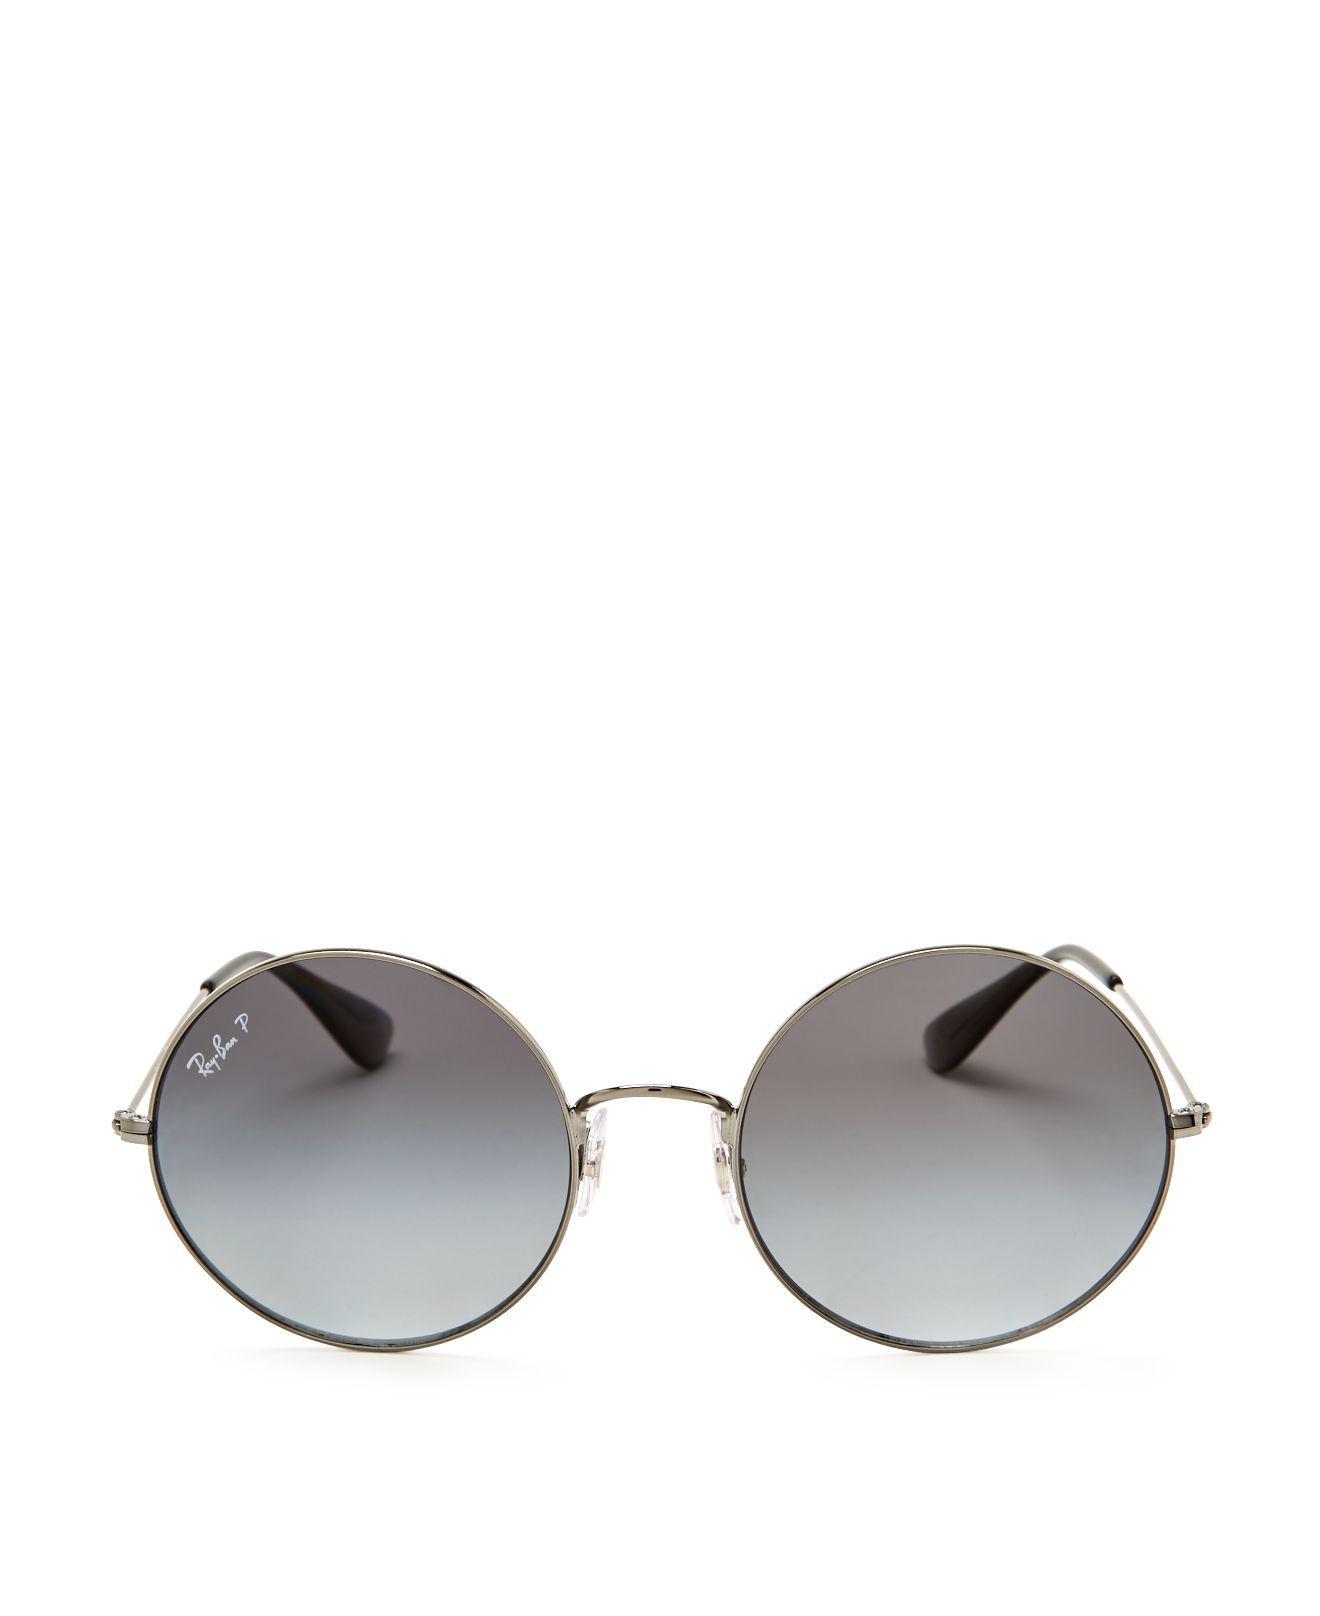 Ray-Ban Polarized Sunglasses , Rb3592 Ja-jo in Grey